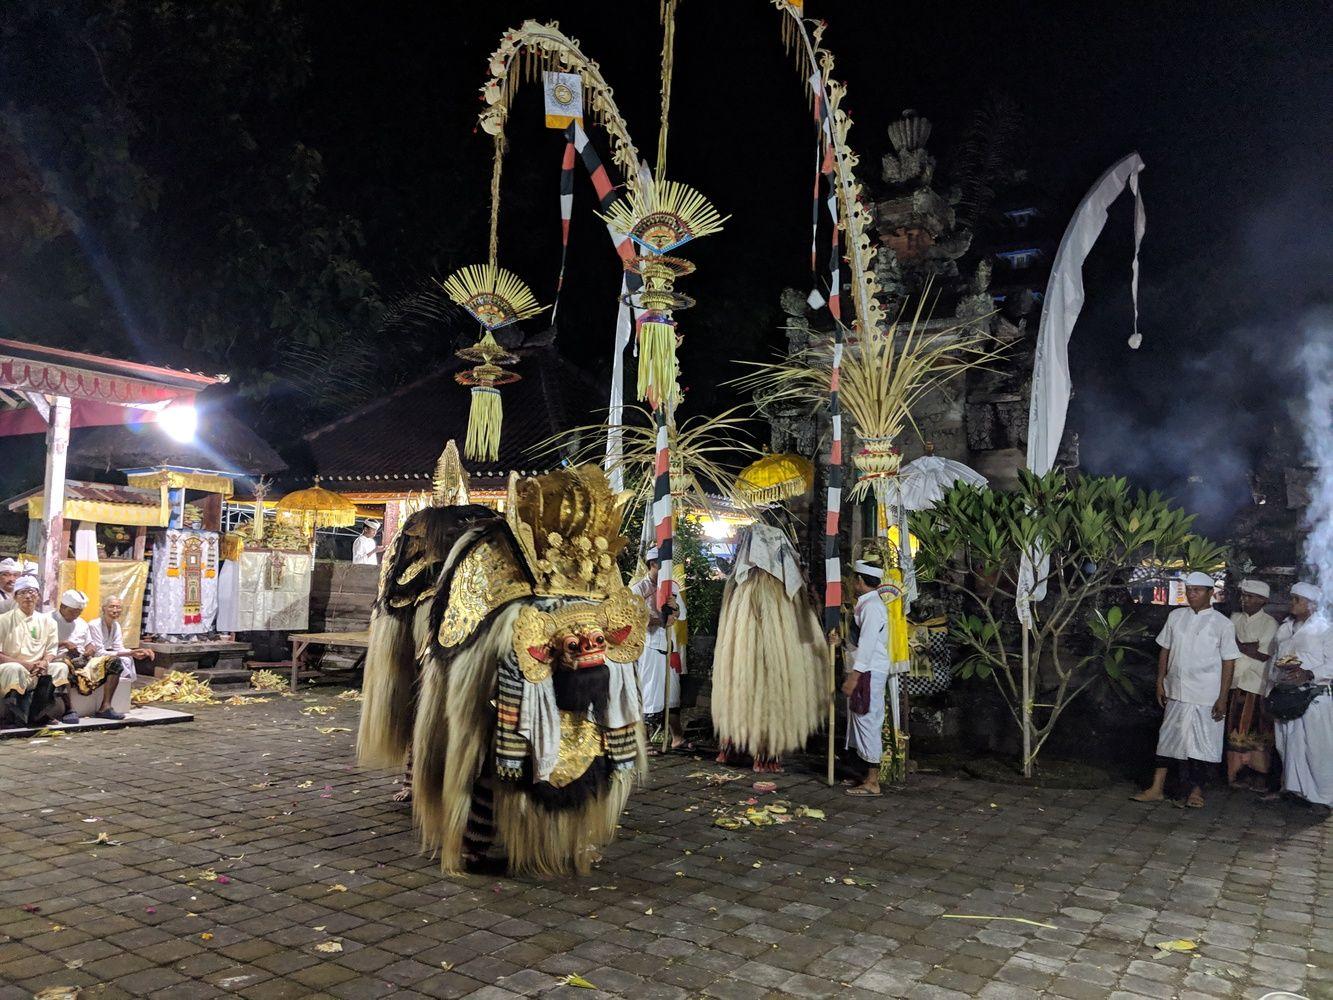 J. Vilpišauskaitė: Raganos ir drakono kova Balio kasdienybėje